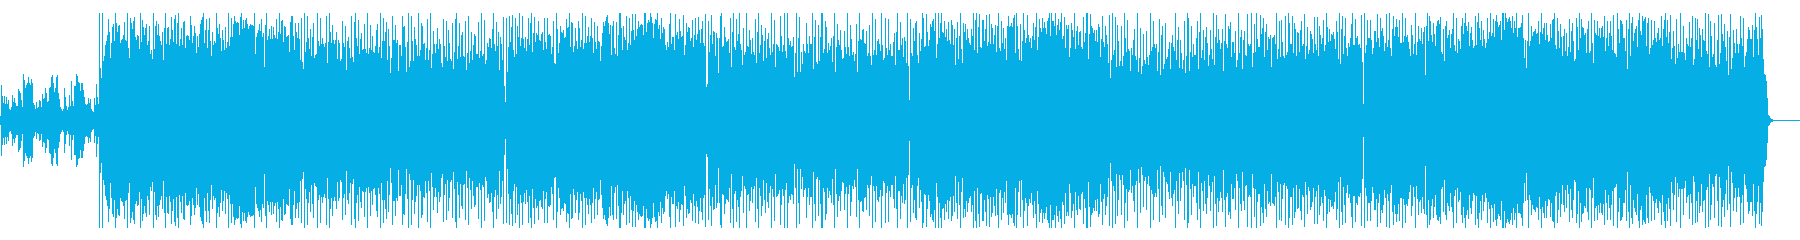 80'S風ダンスポップスの再生済みの波形